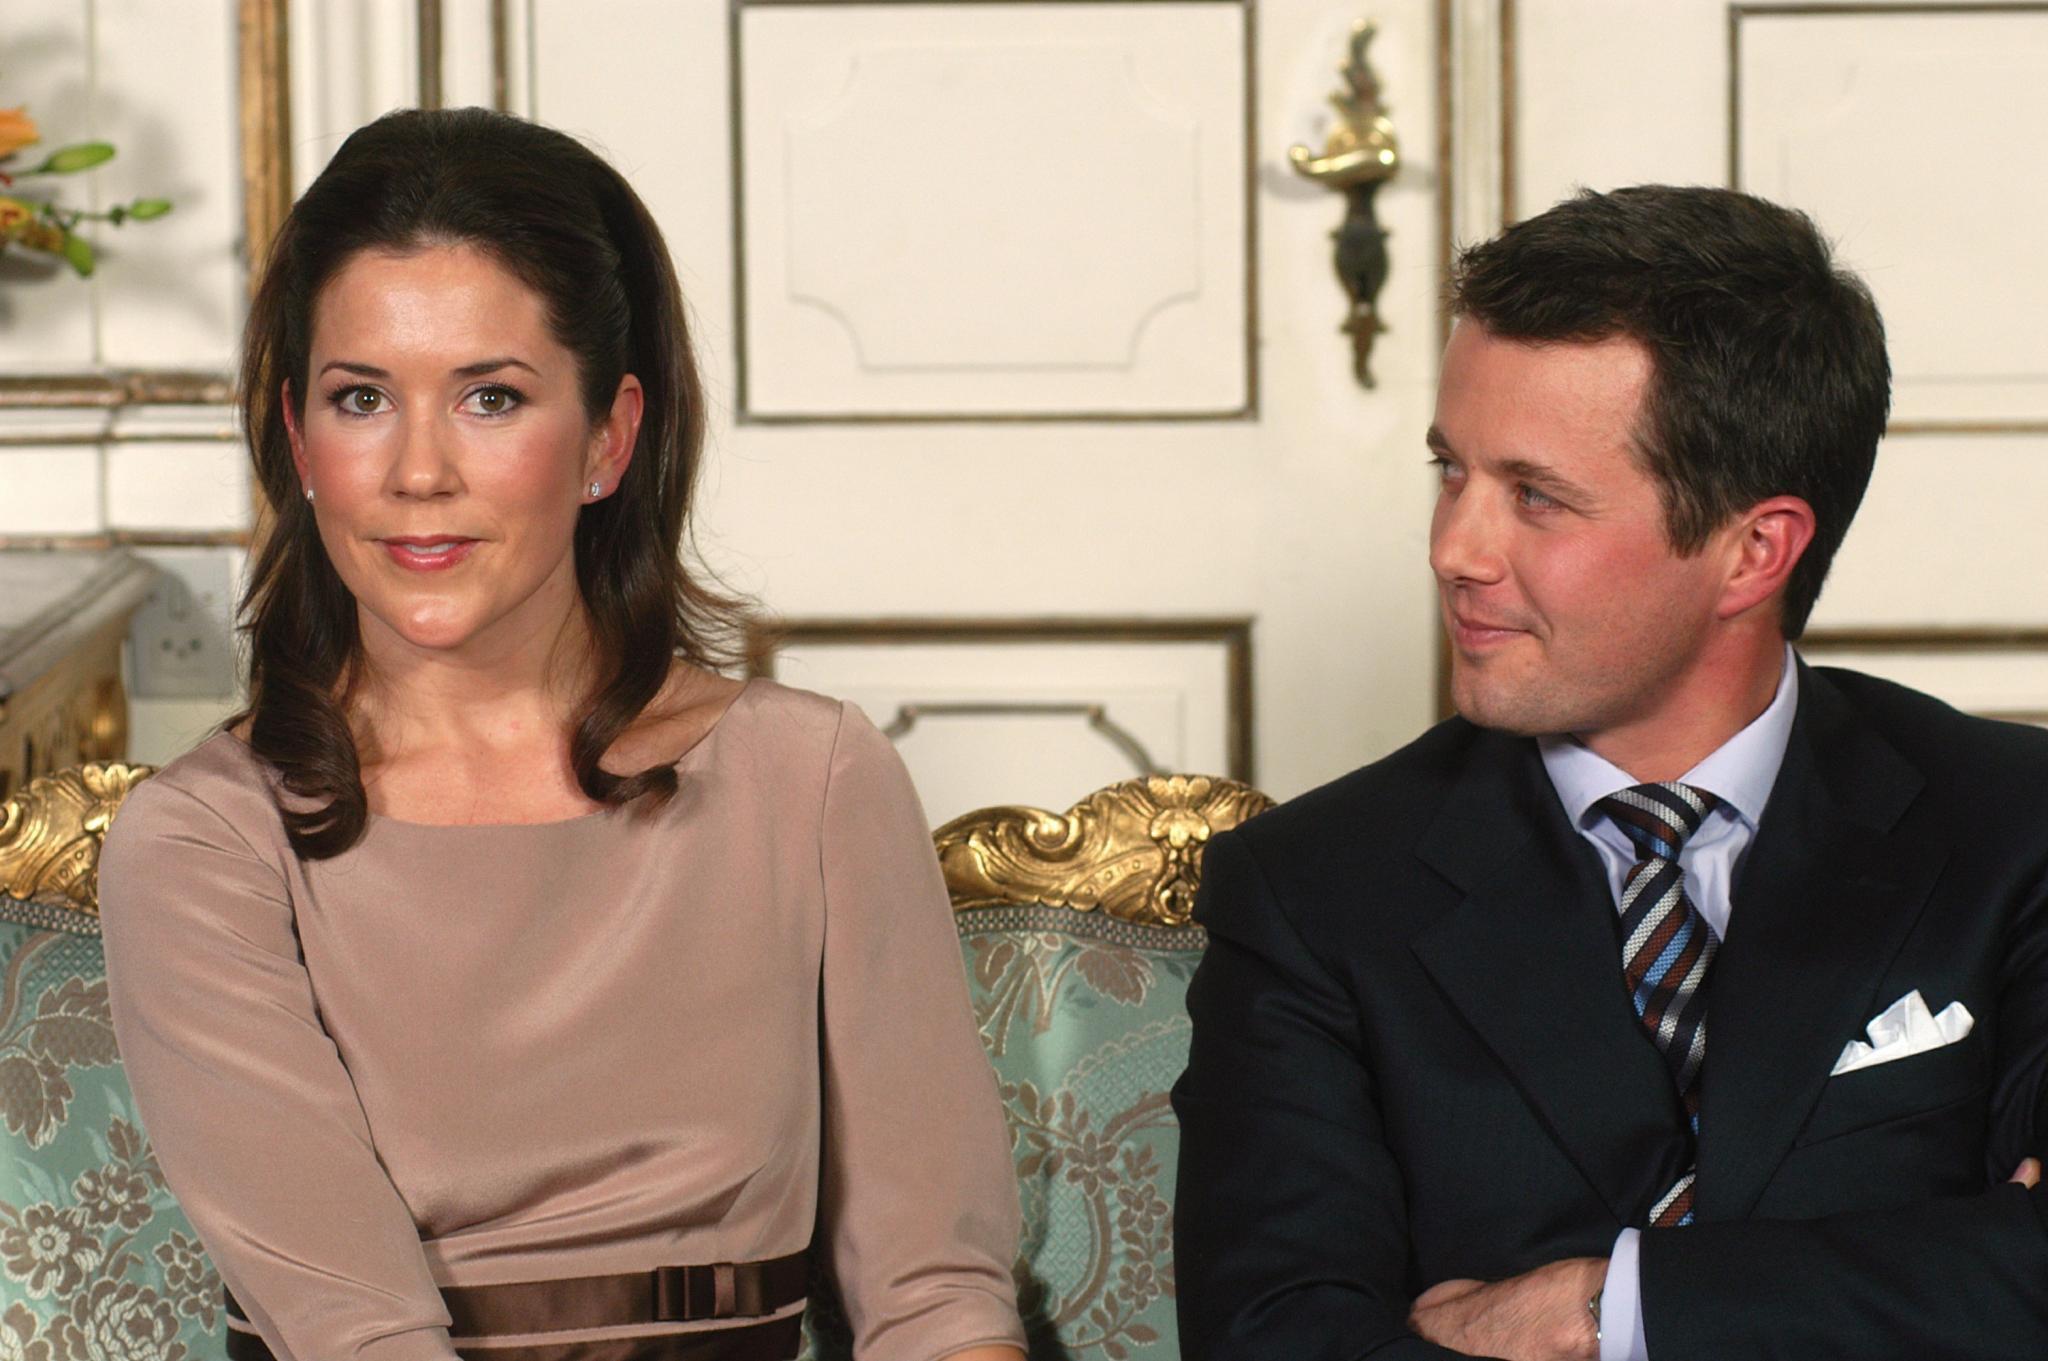 Am 8. Oktober 2003 wird die Verlobung von Prinz Frederik mit Mary Donaldson offiziell verkündet. Das Prinzessinnen-Training hat begonnen, so dass Mary schon etwas Dänisch sprechen kann.